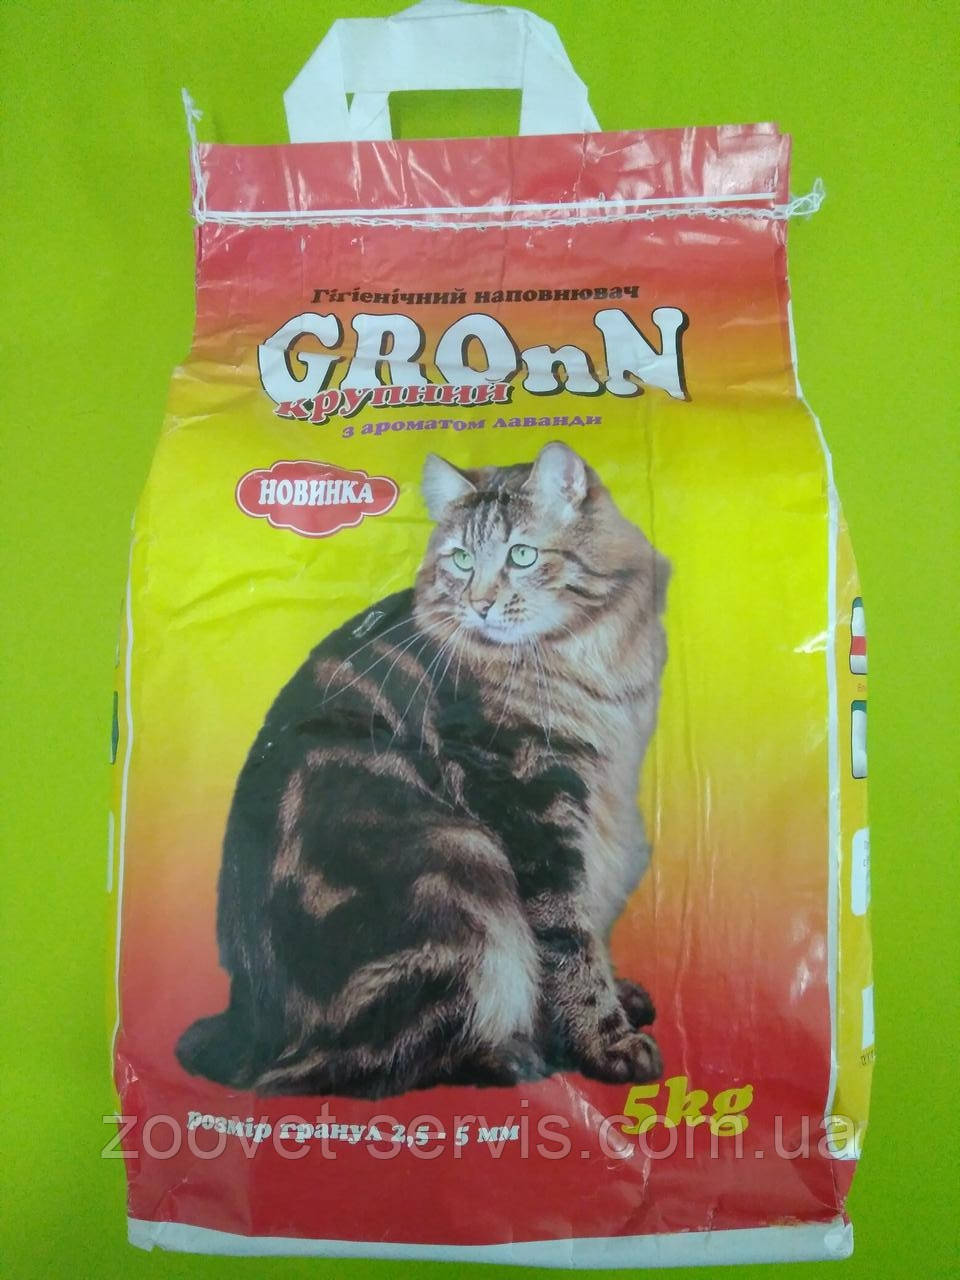 Наполнитель для кошачьего туалета Грон с ароматом лаванды крупный 5 кг